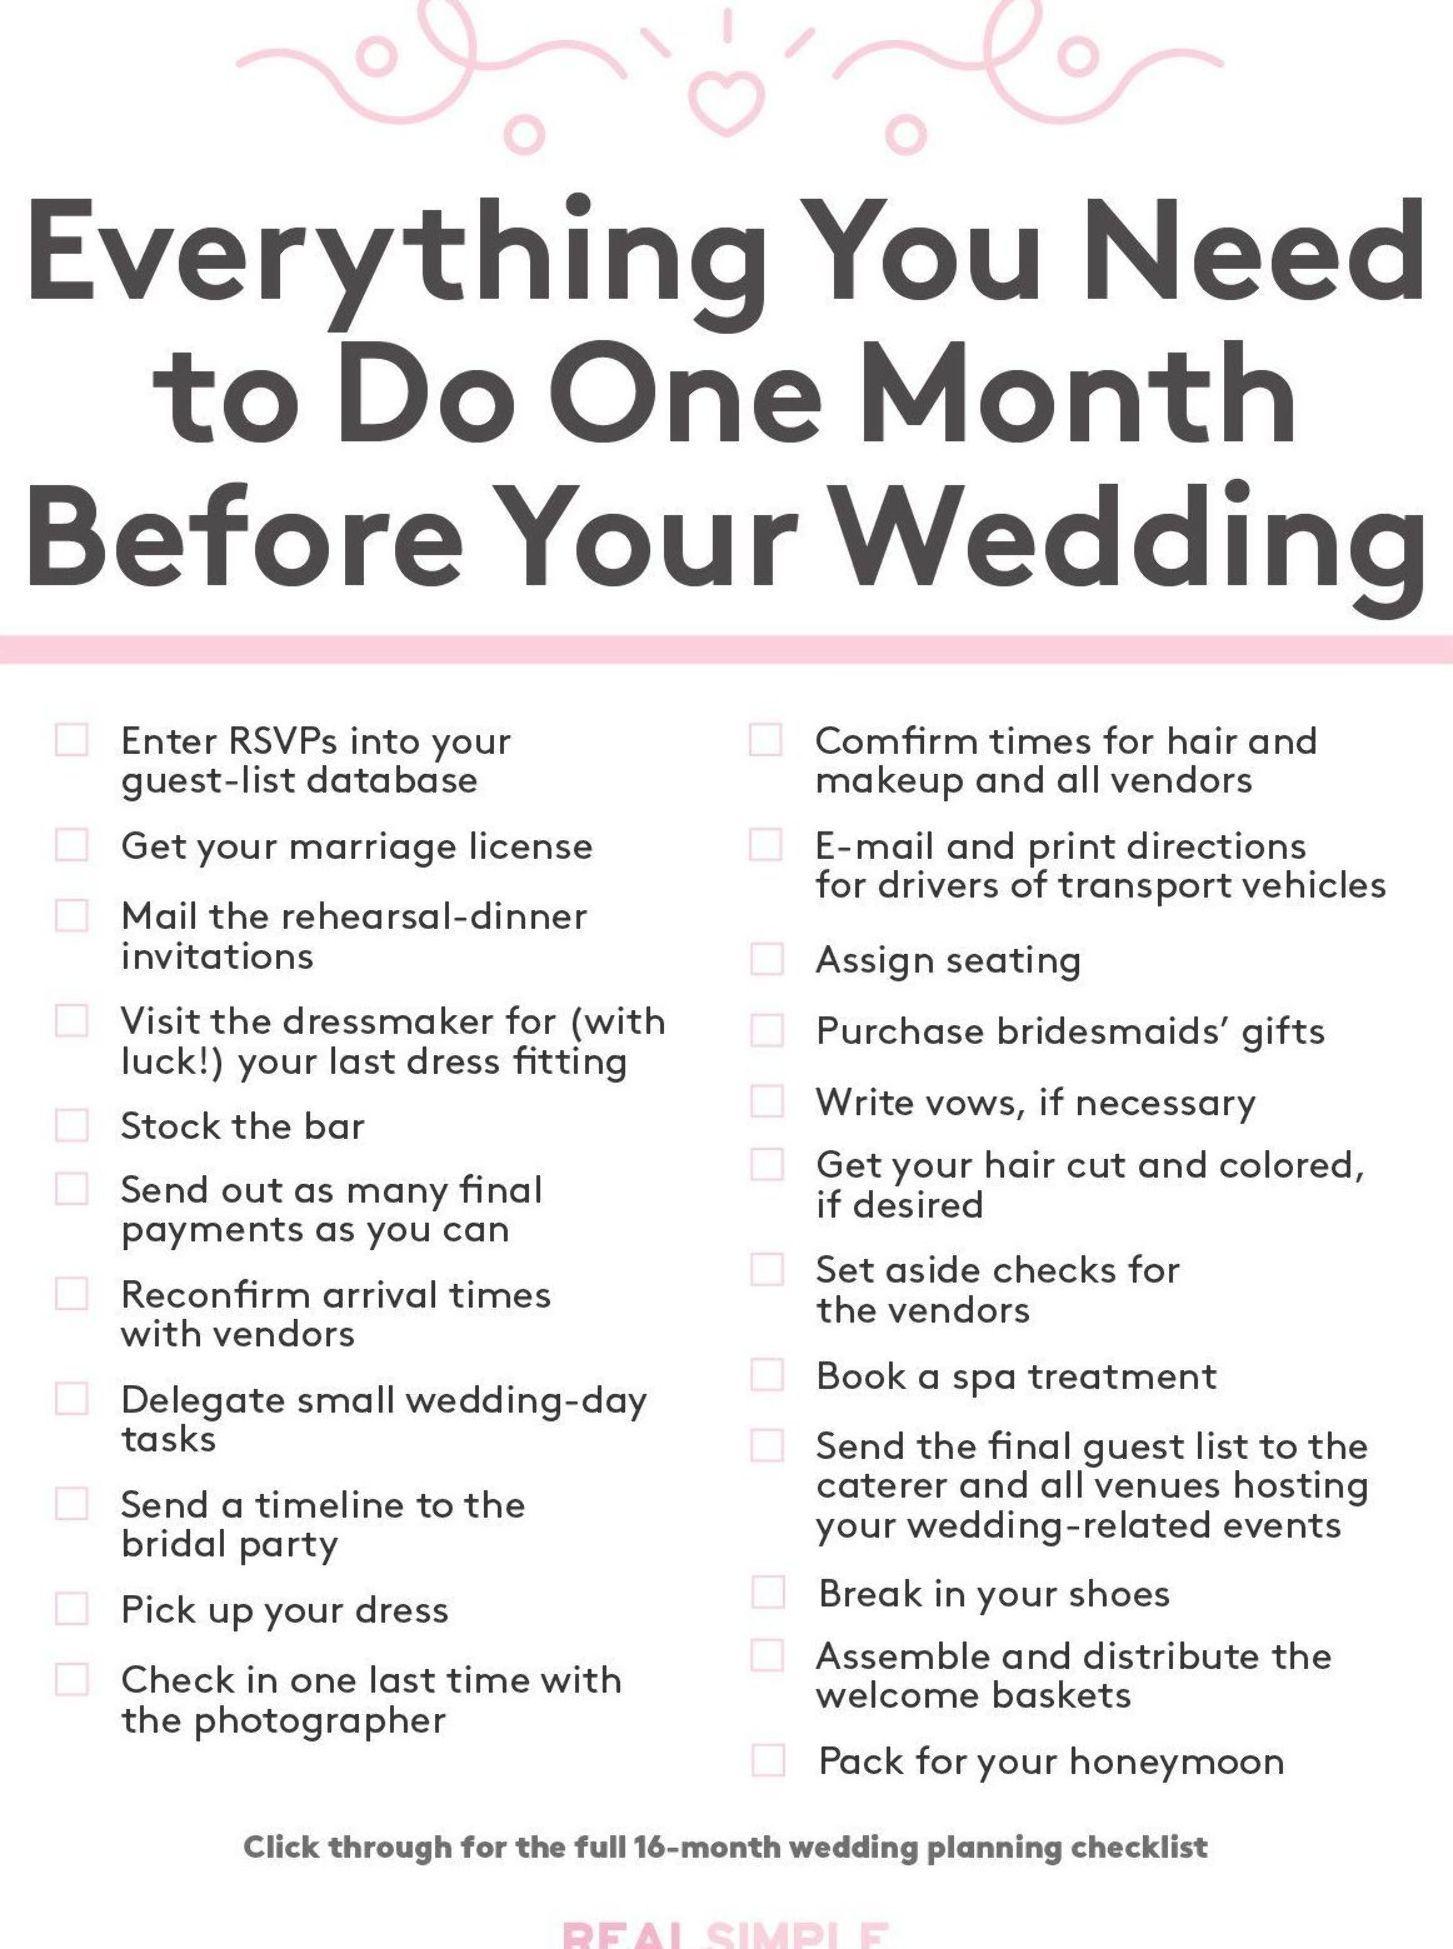 Ultimate Wedding Planning Checklist Everything You Need To Do One Month Ultimate Wedding Planning Checklist Wedding Planner Binder Wedding Planning Checklist